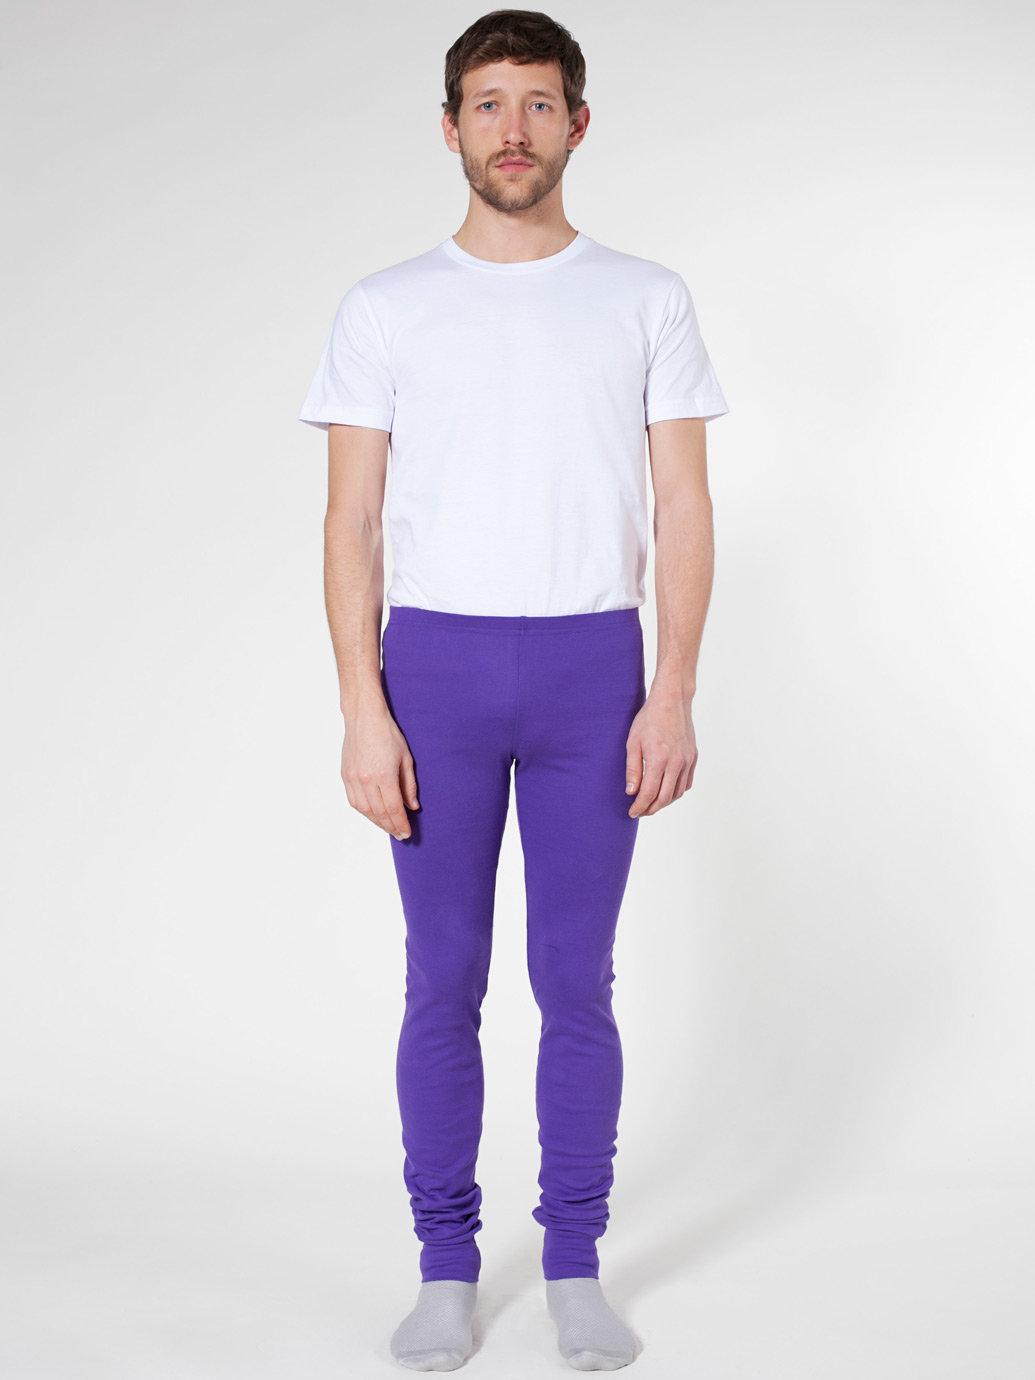 Men Fashion Clothes Online